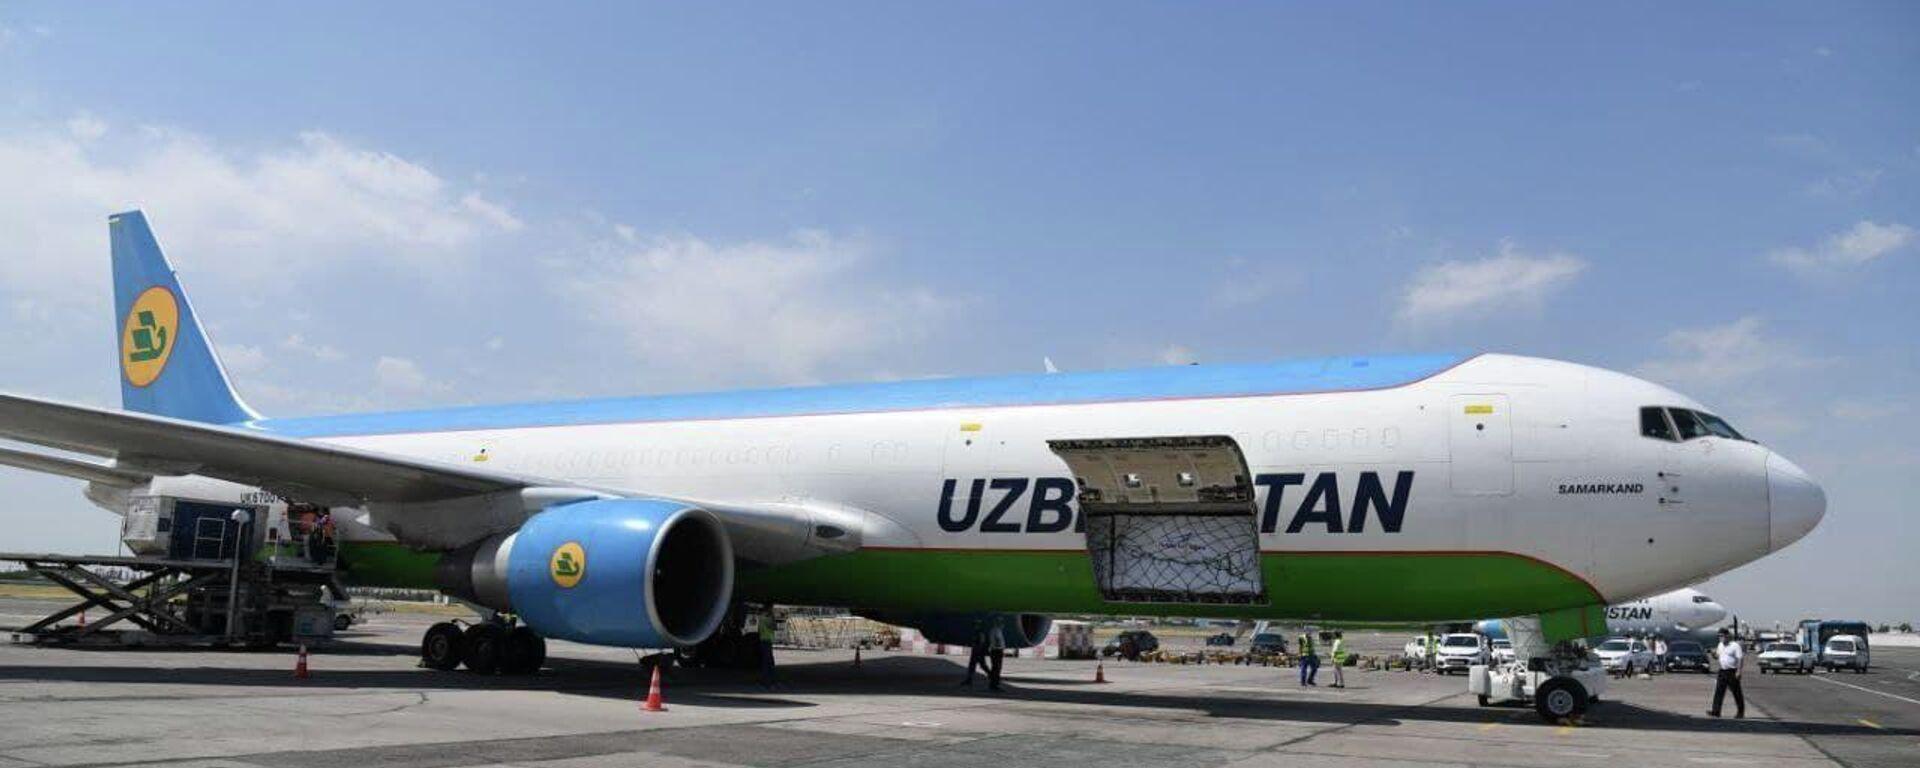 V Uzbekistan dostavili yeщe 1 mln. doz vaktsinы ZF-UZ-VAC2001 - Sputnik Oʻzbekiston, 1920, 21.07.2021